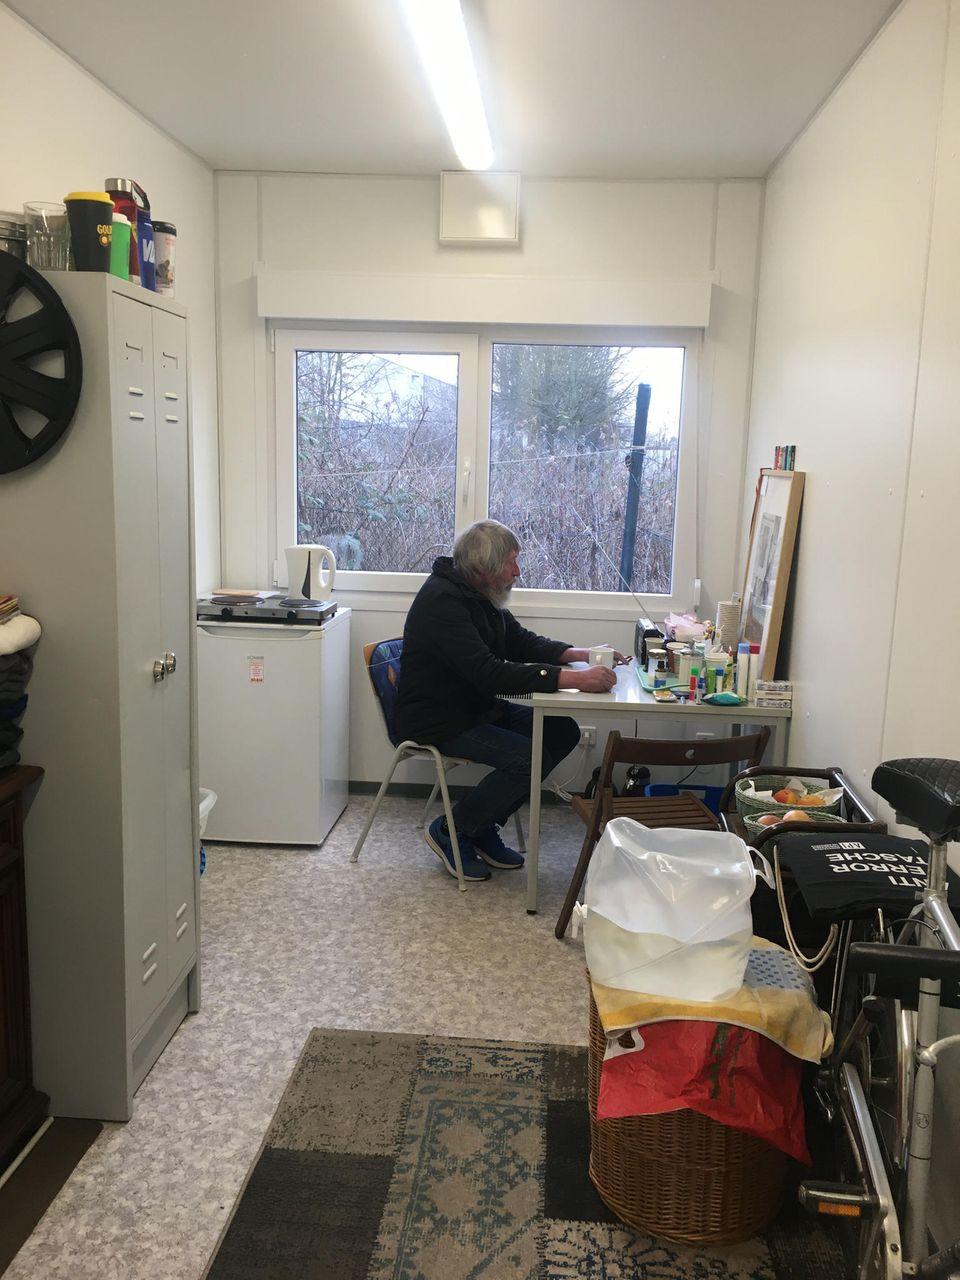 Horst in seinem Wohncontainer